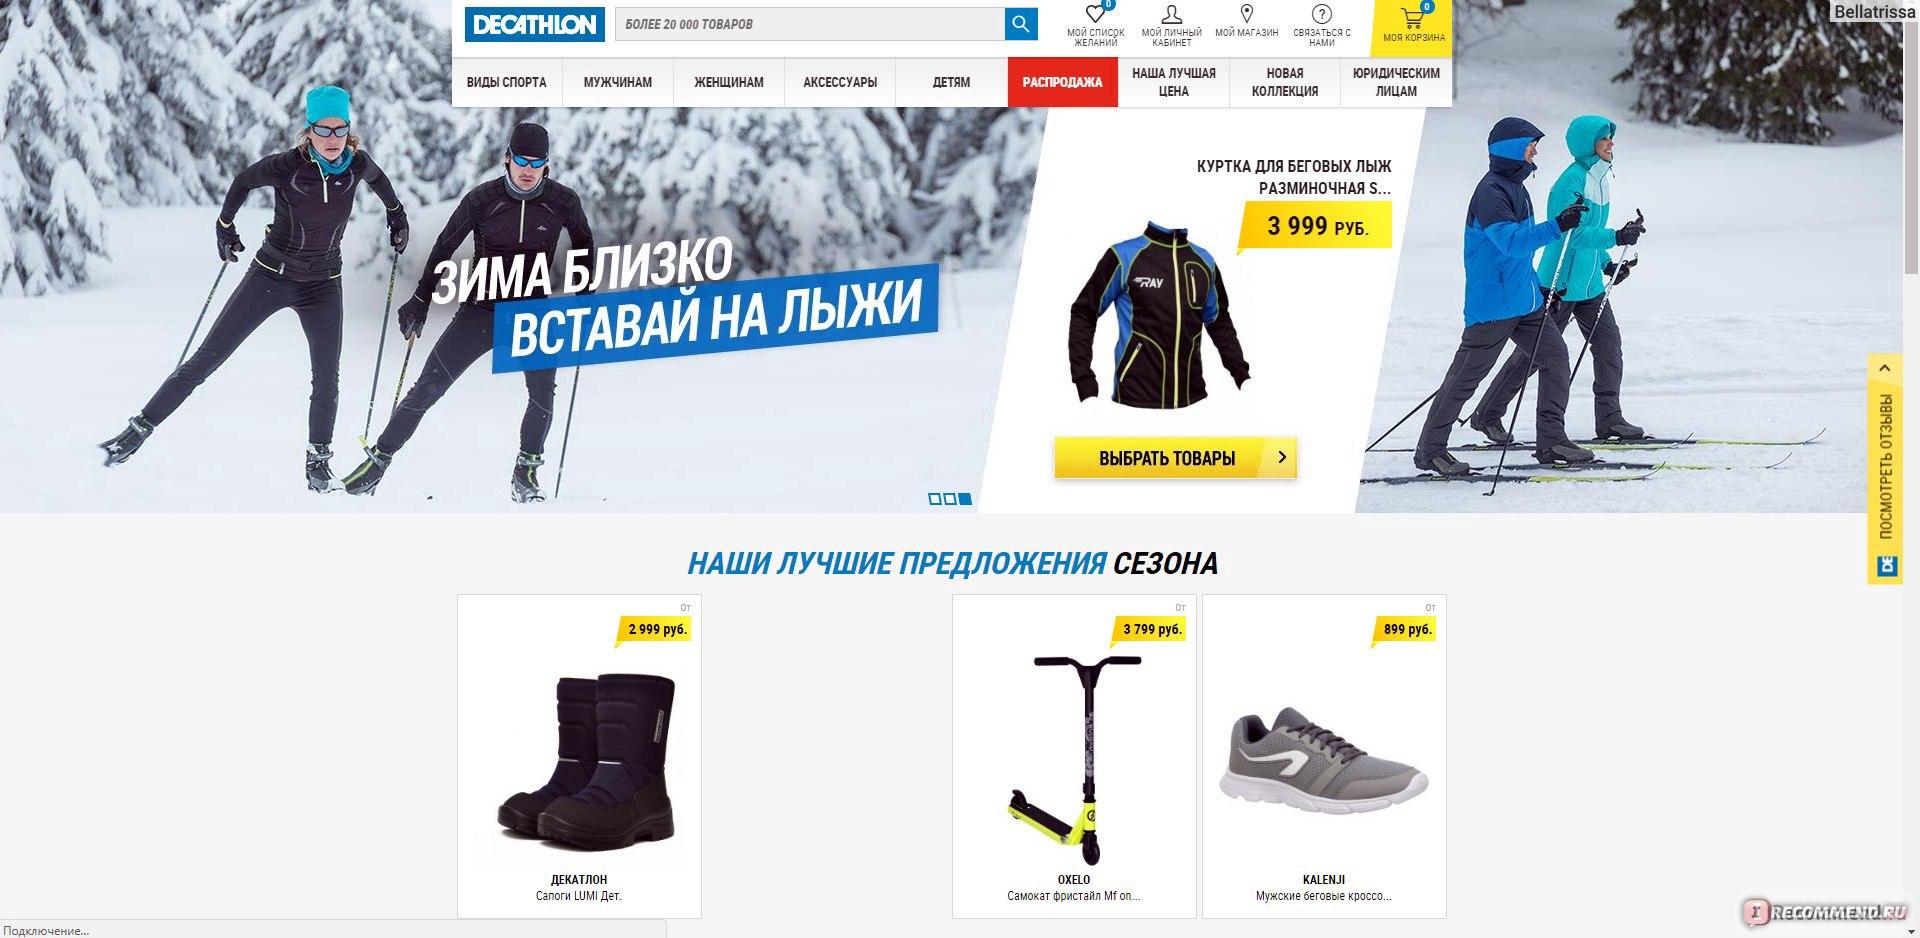 Www Decathlon Ru Интернет Магазин